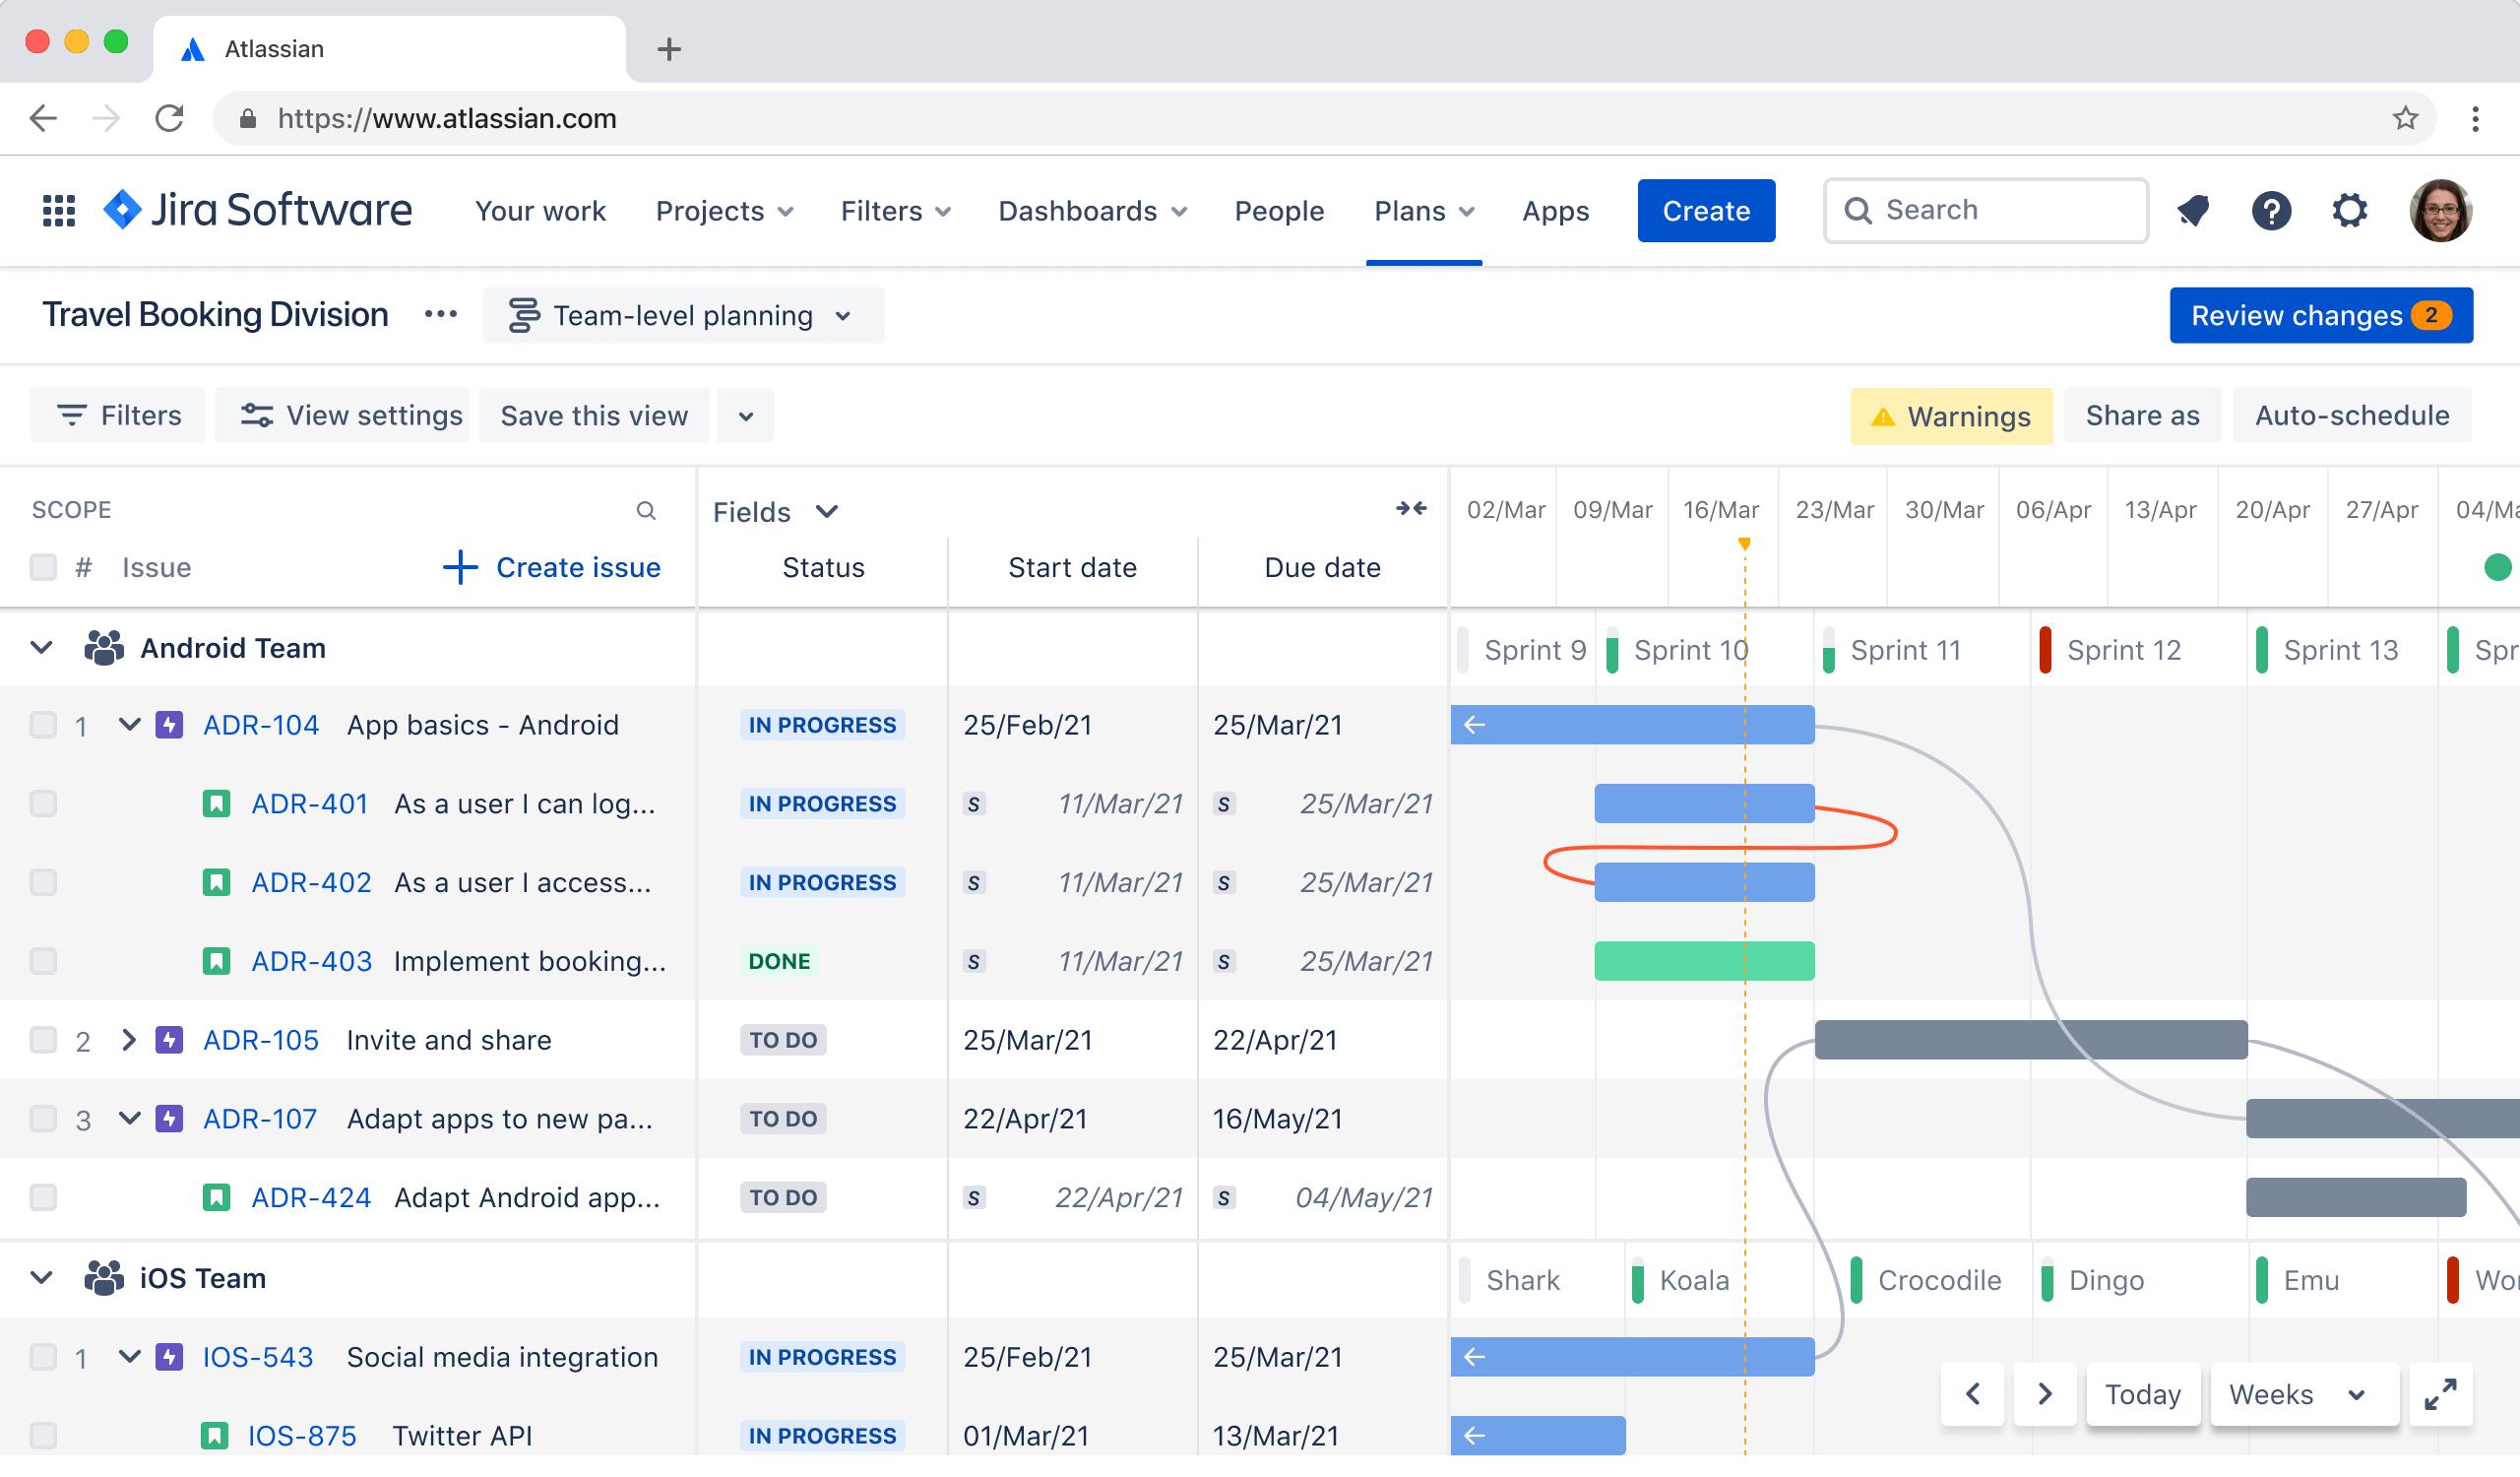 Advanced roadmap screenshot